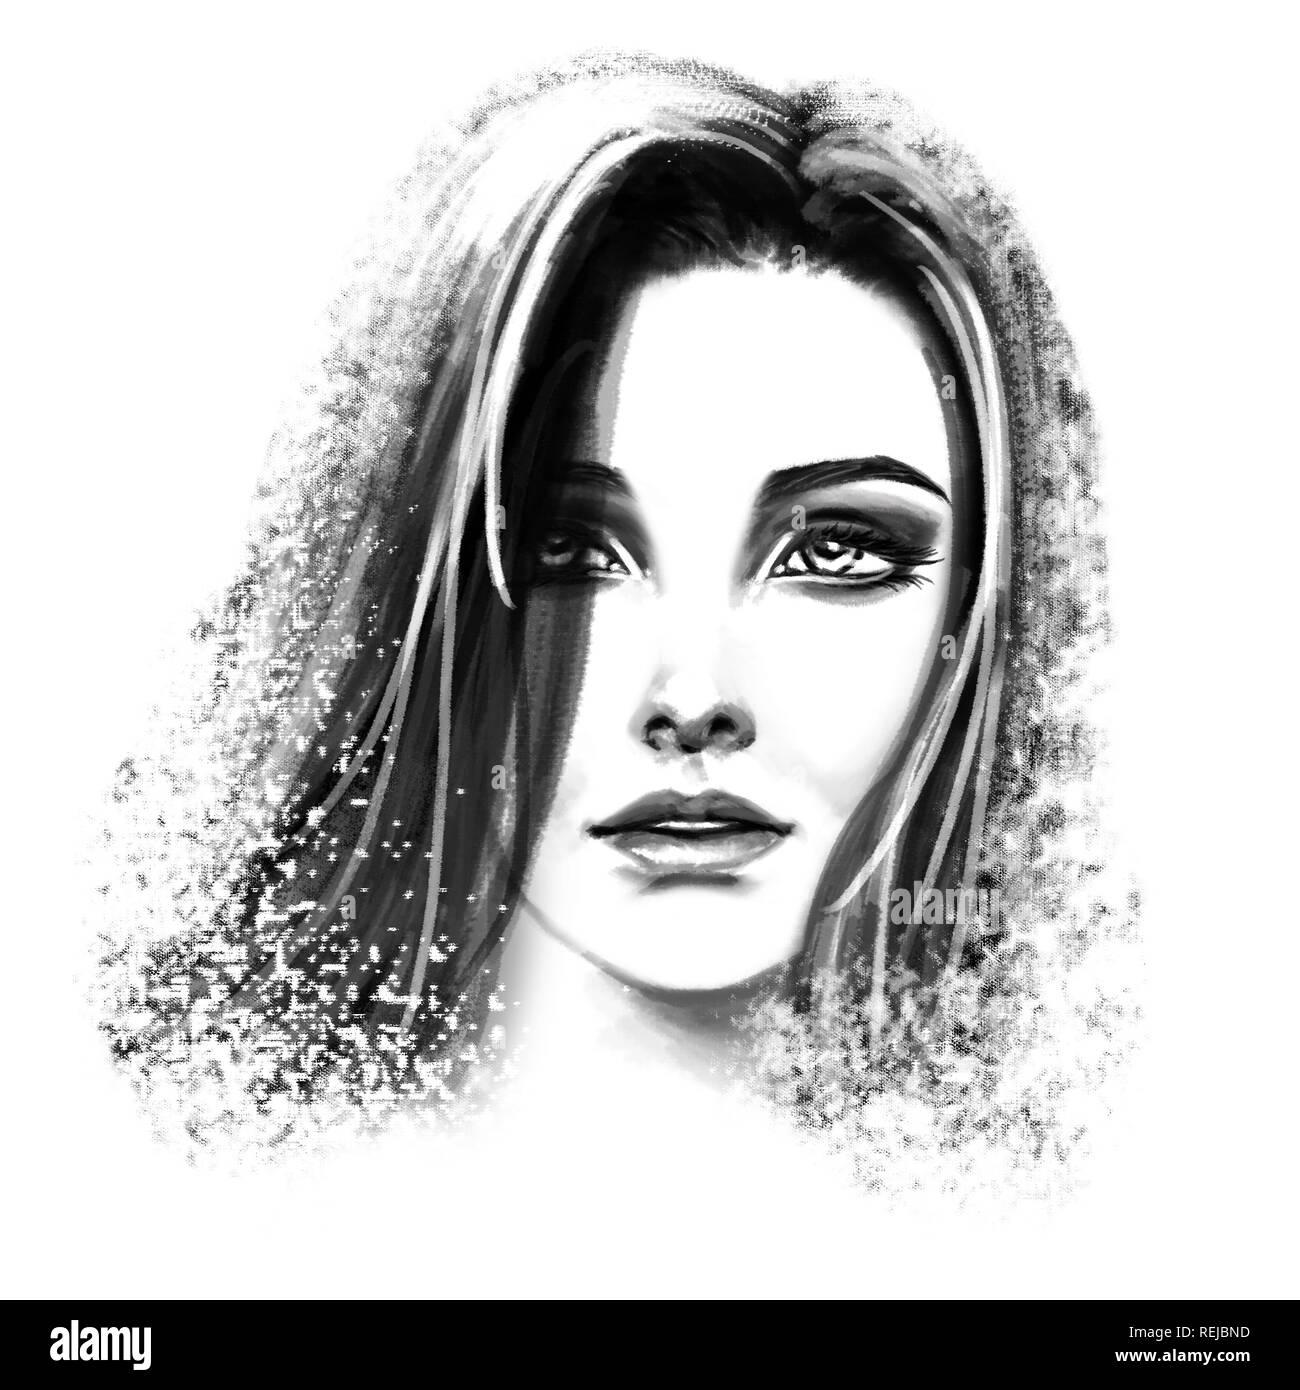 Noir Et Blanc Femme Tête Portrait Dessin à La Craie Banque D